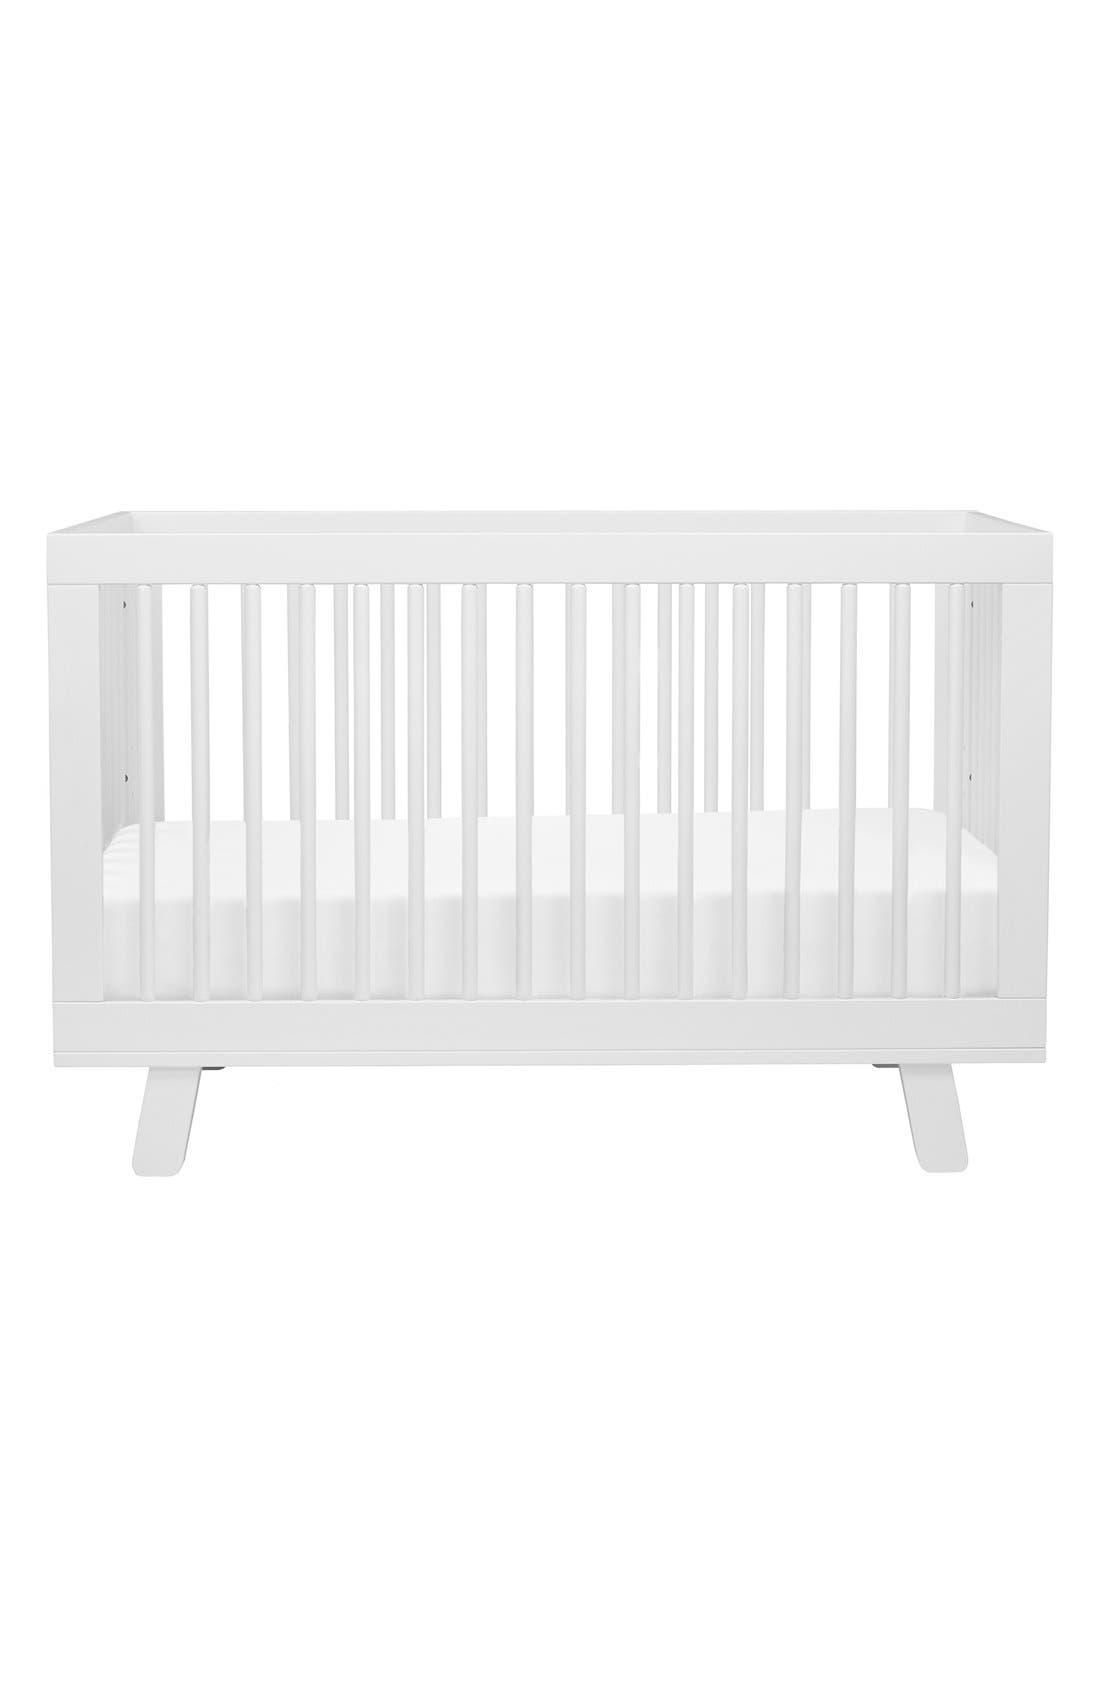 'Hudson' 3-in-1 Convertible Crib,                             Main thumbnail 4, color,